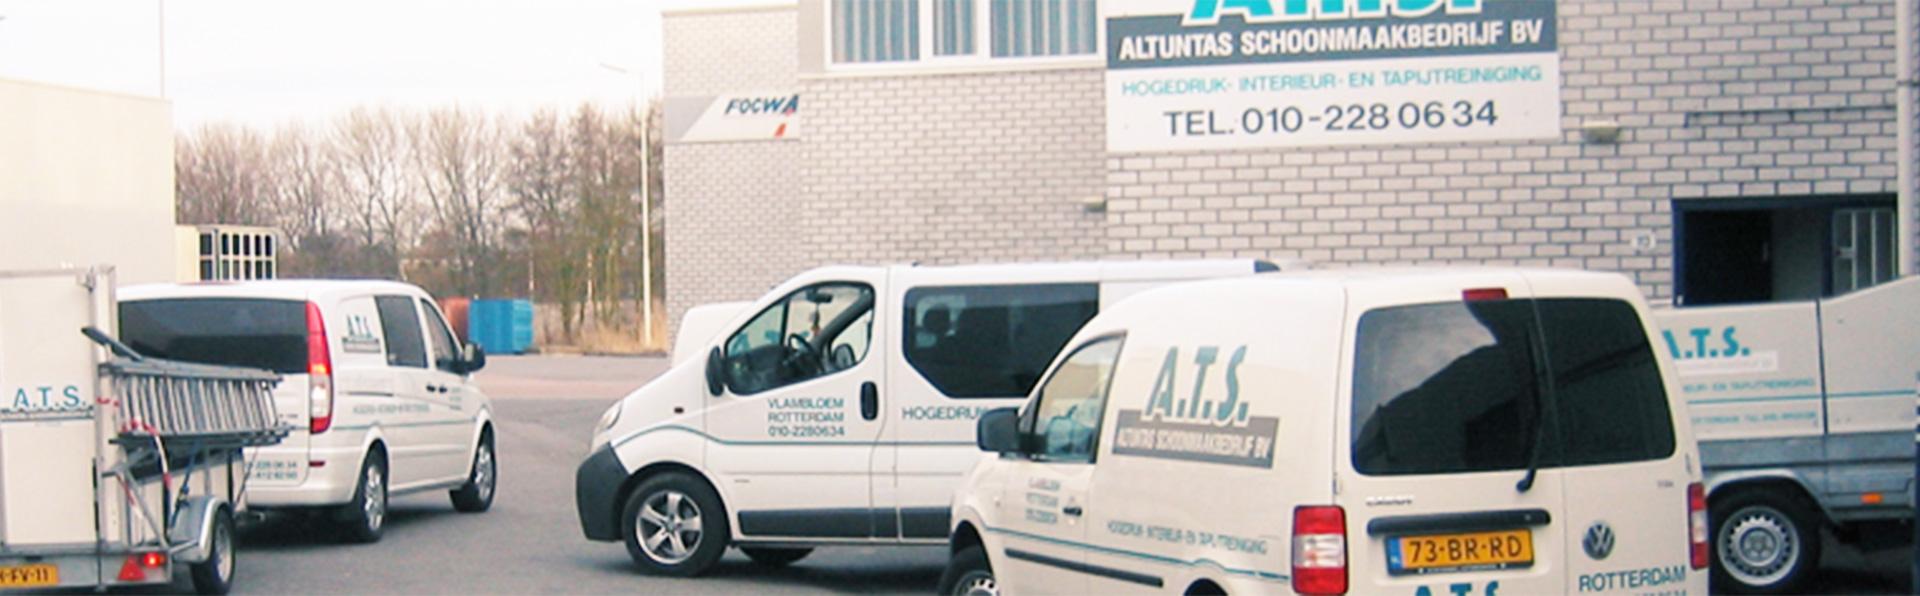 Schoonmaakbedrijf- Bergen op Zoom- ATS-header